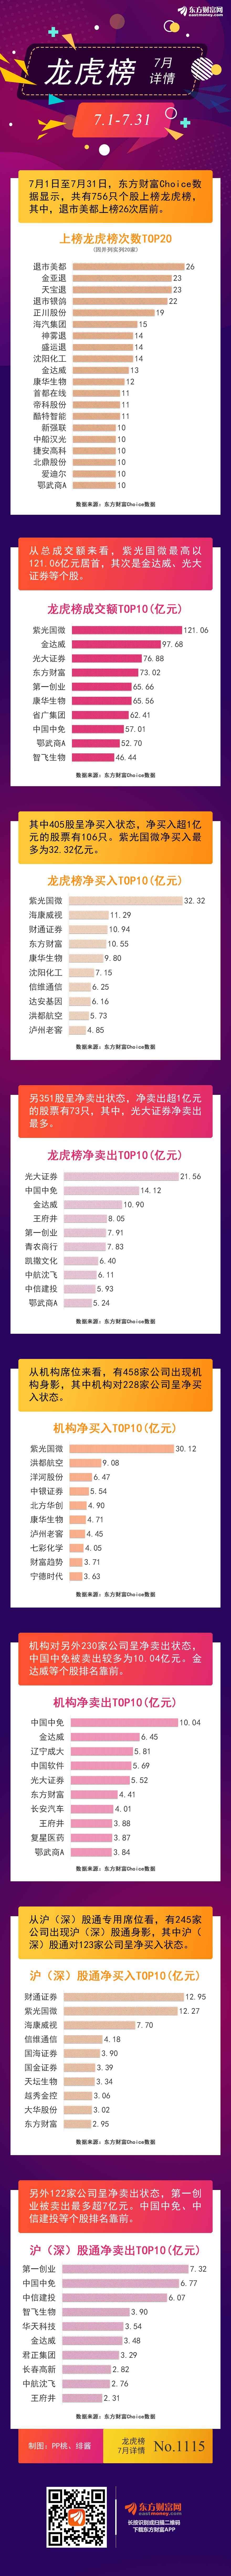 《【超越平台官网】图解龙虎榜:7月机构抢筹228股 一股上榜26次居前》